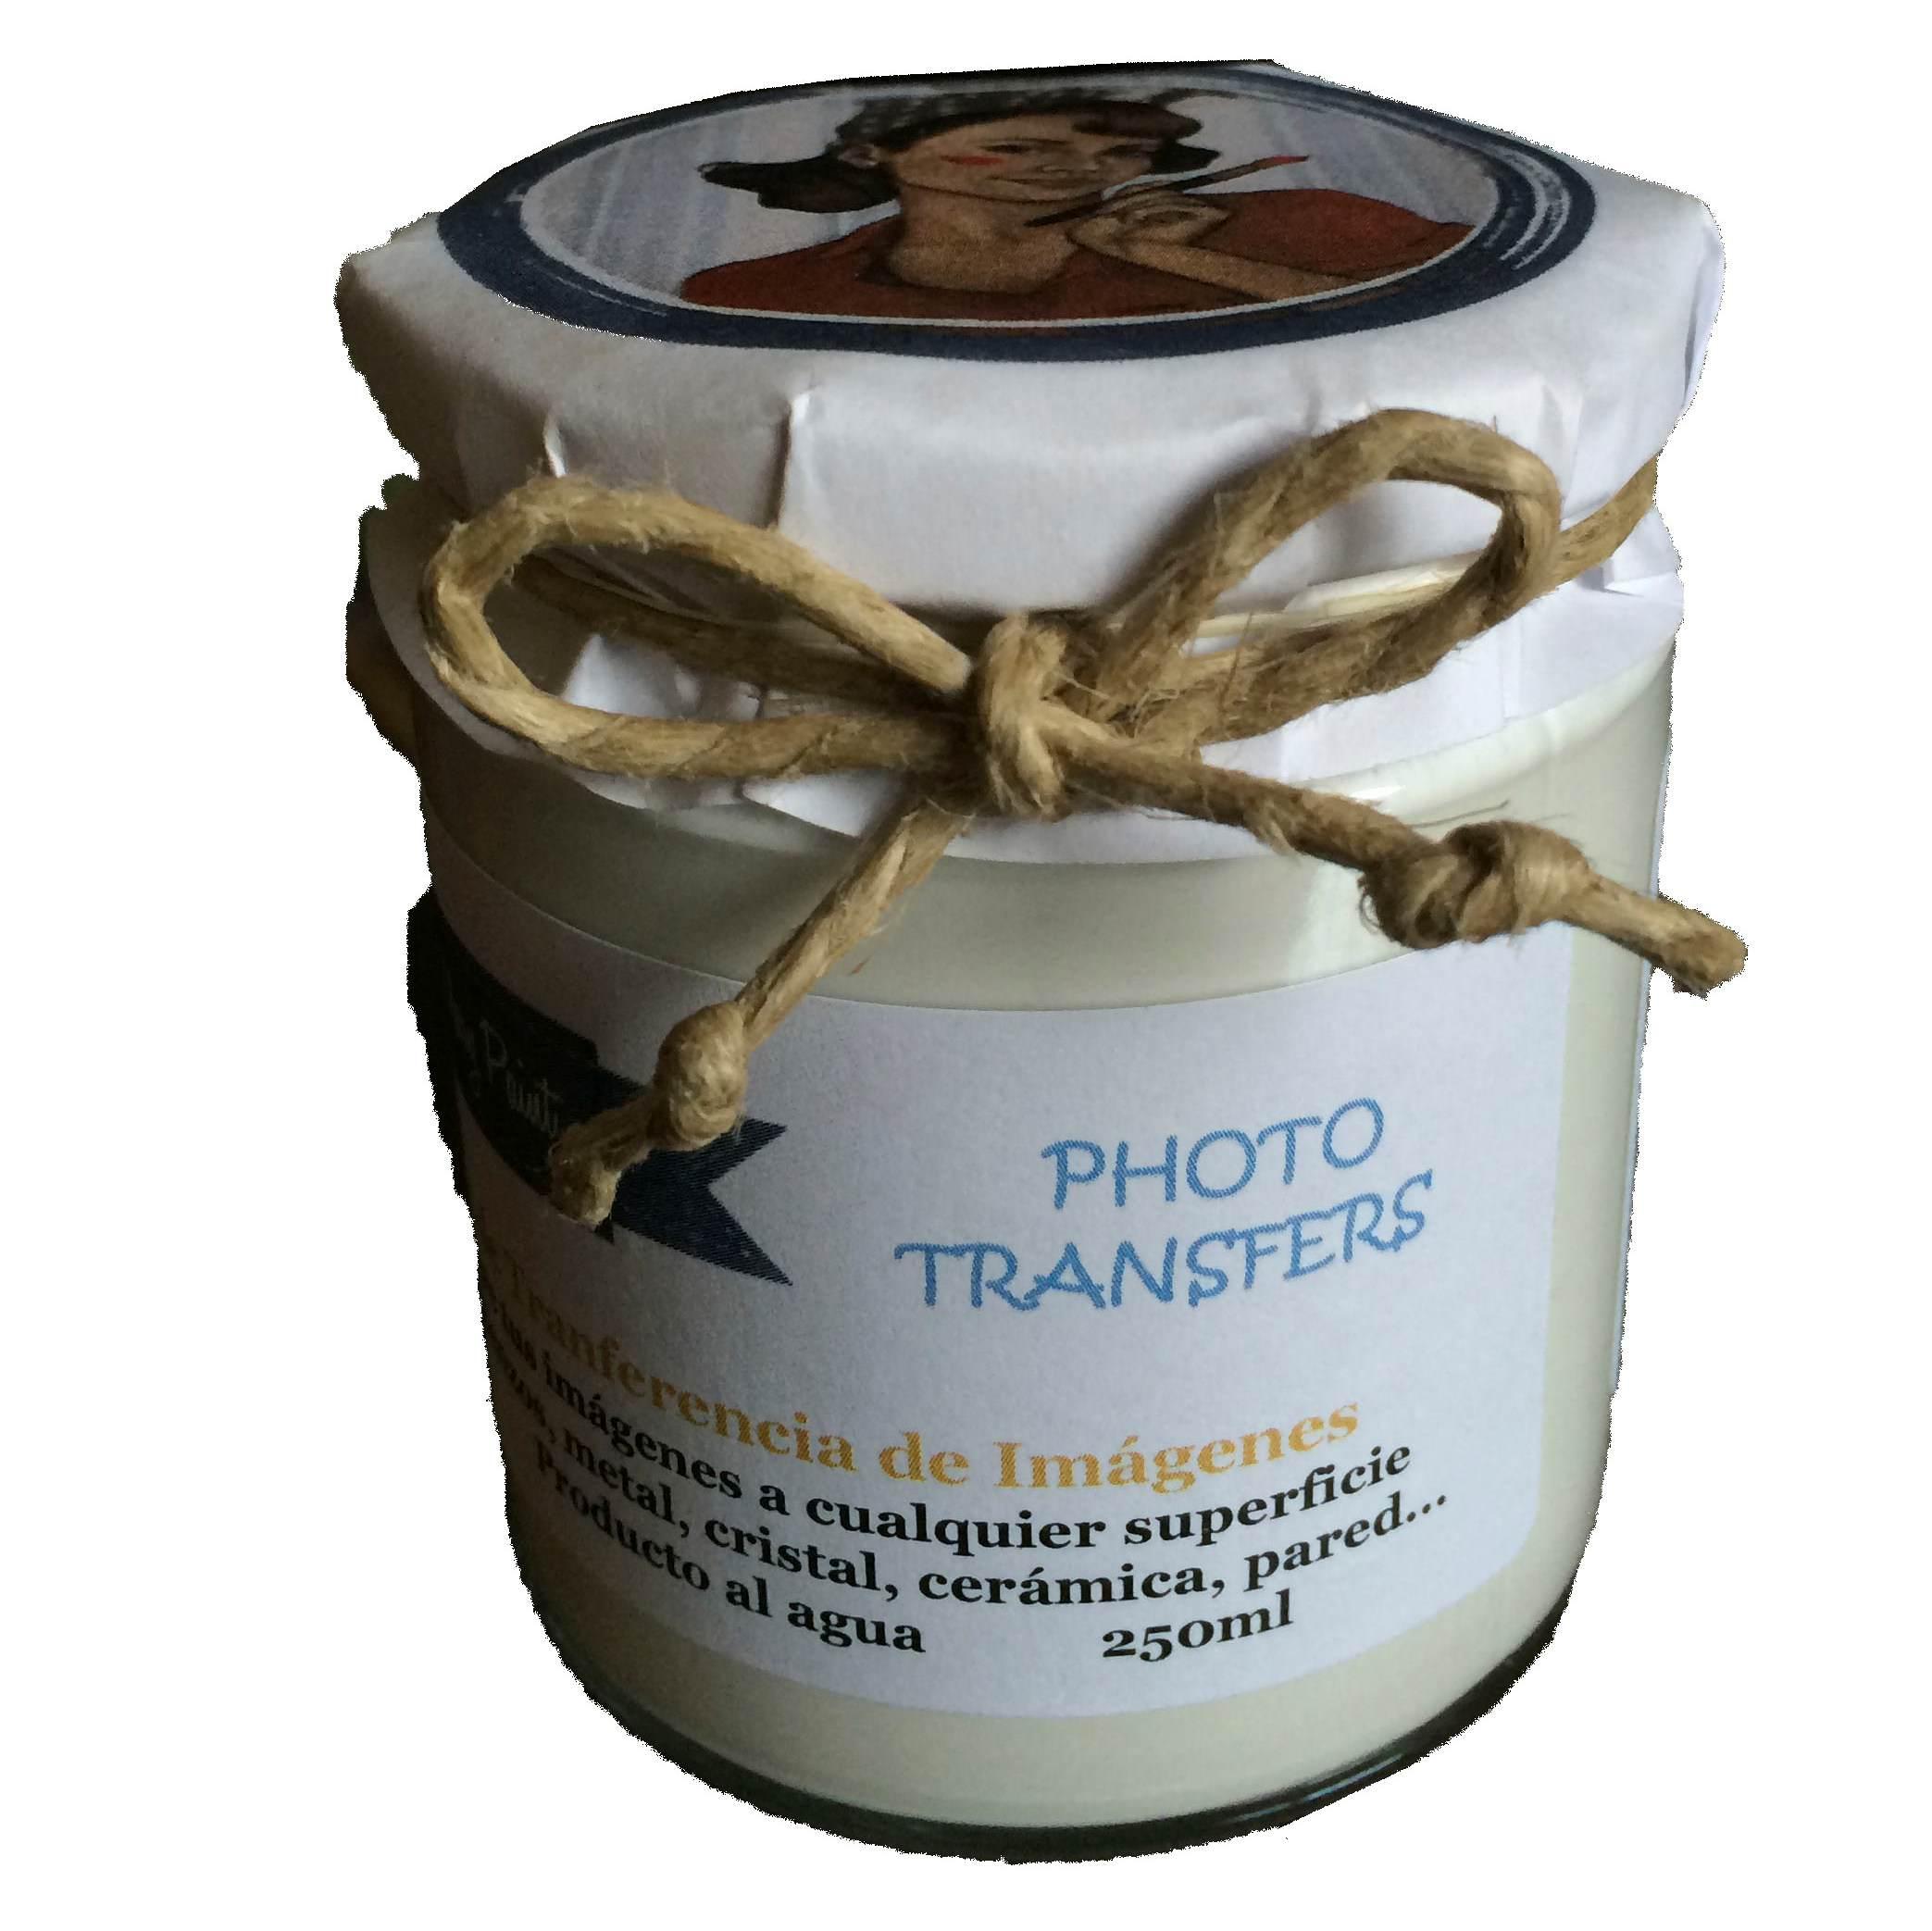 Producto para transferir im genes el taller de lo antiguo - Transferir fotos a madera ...